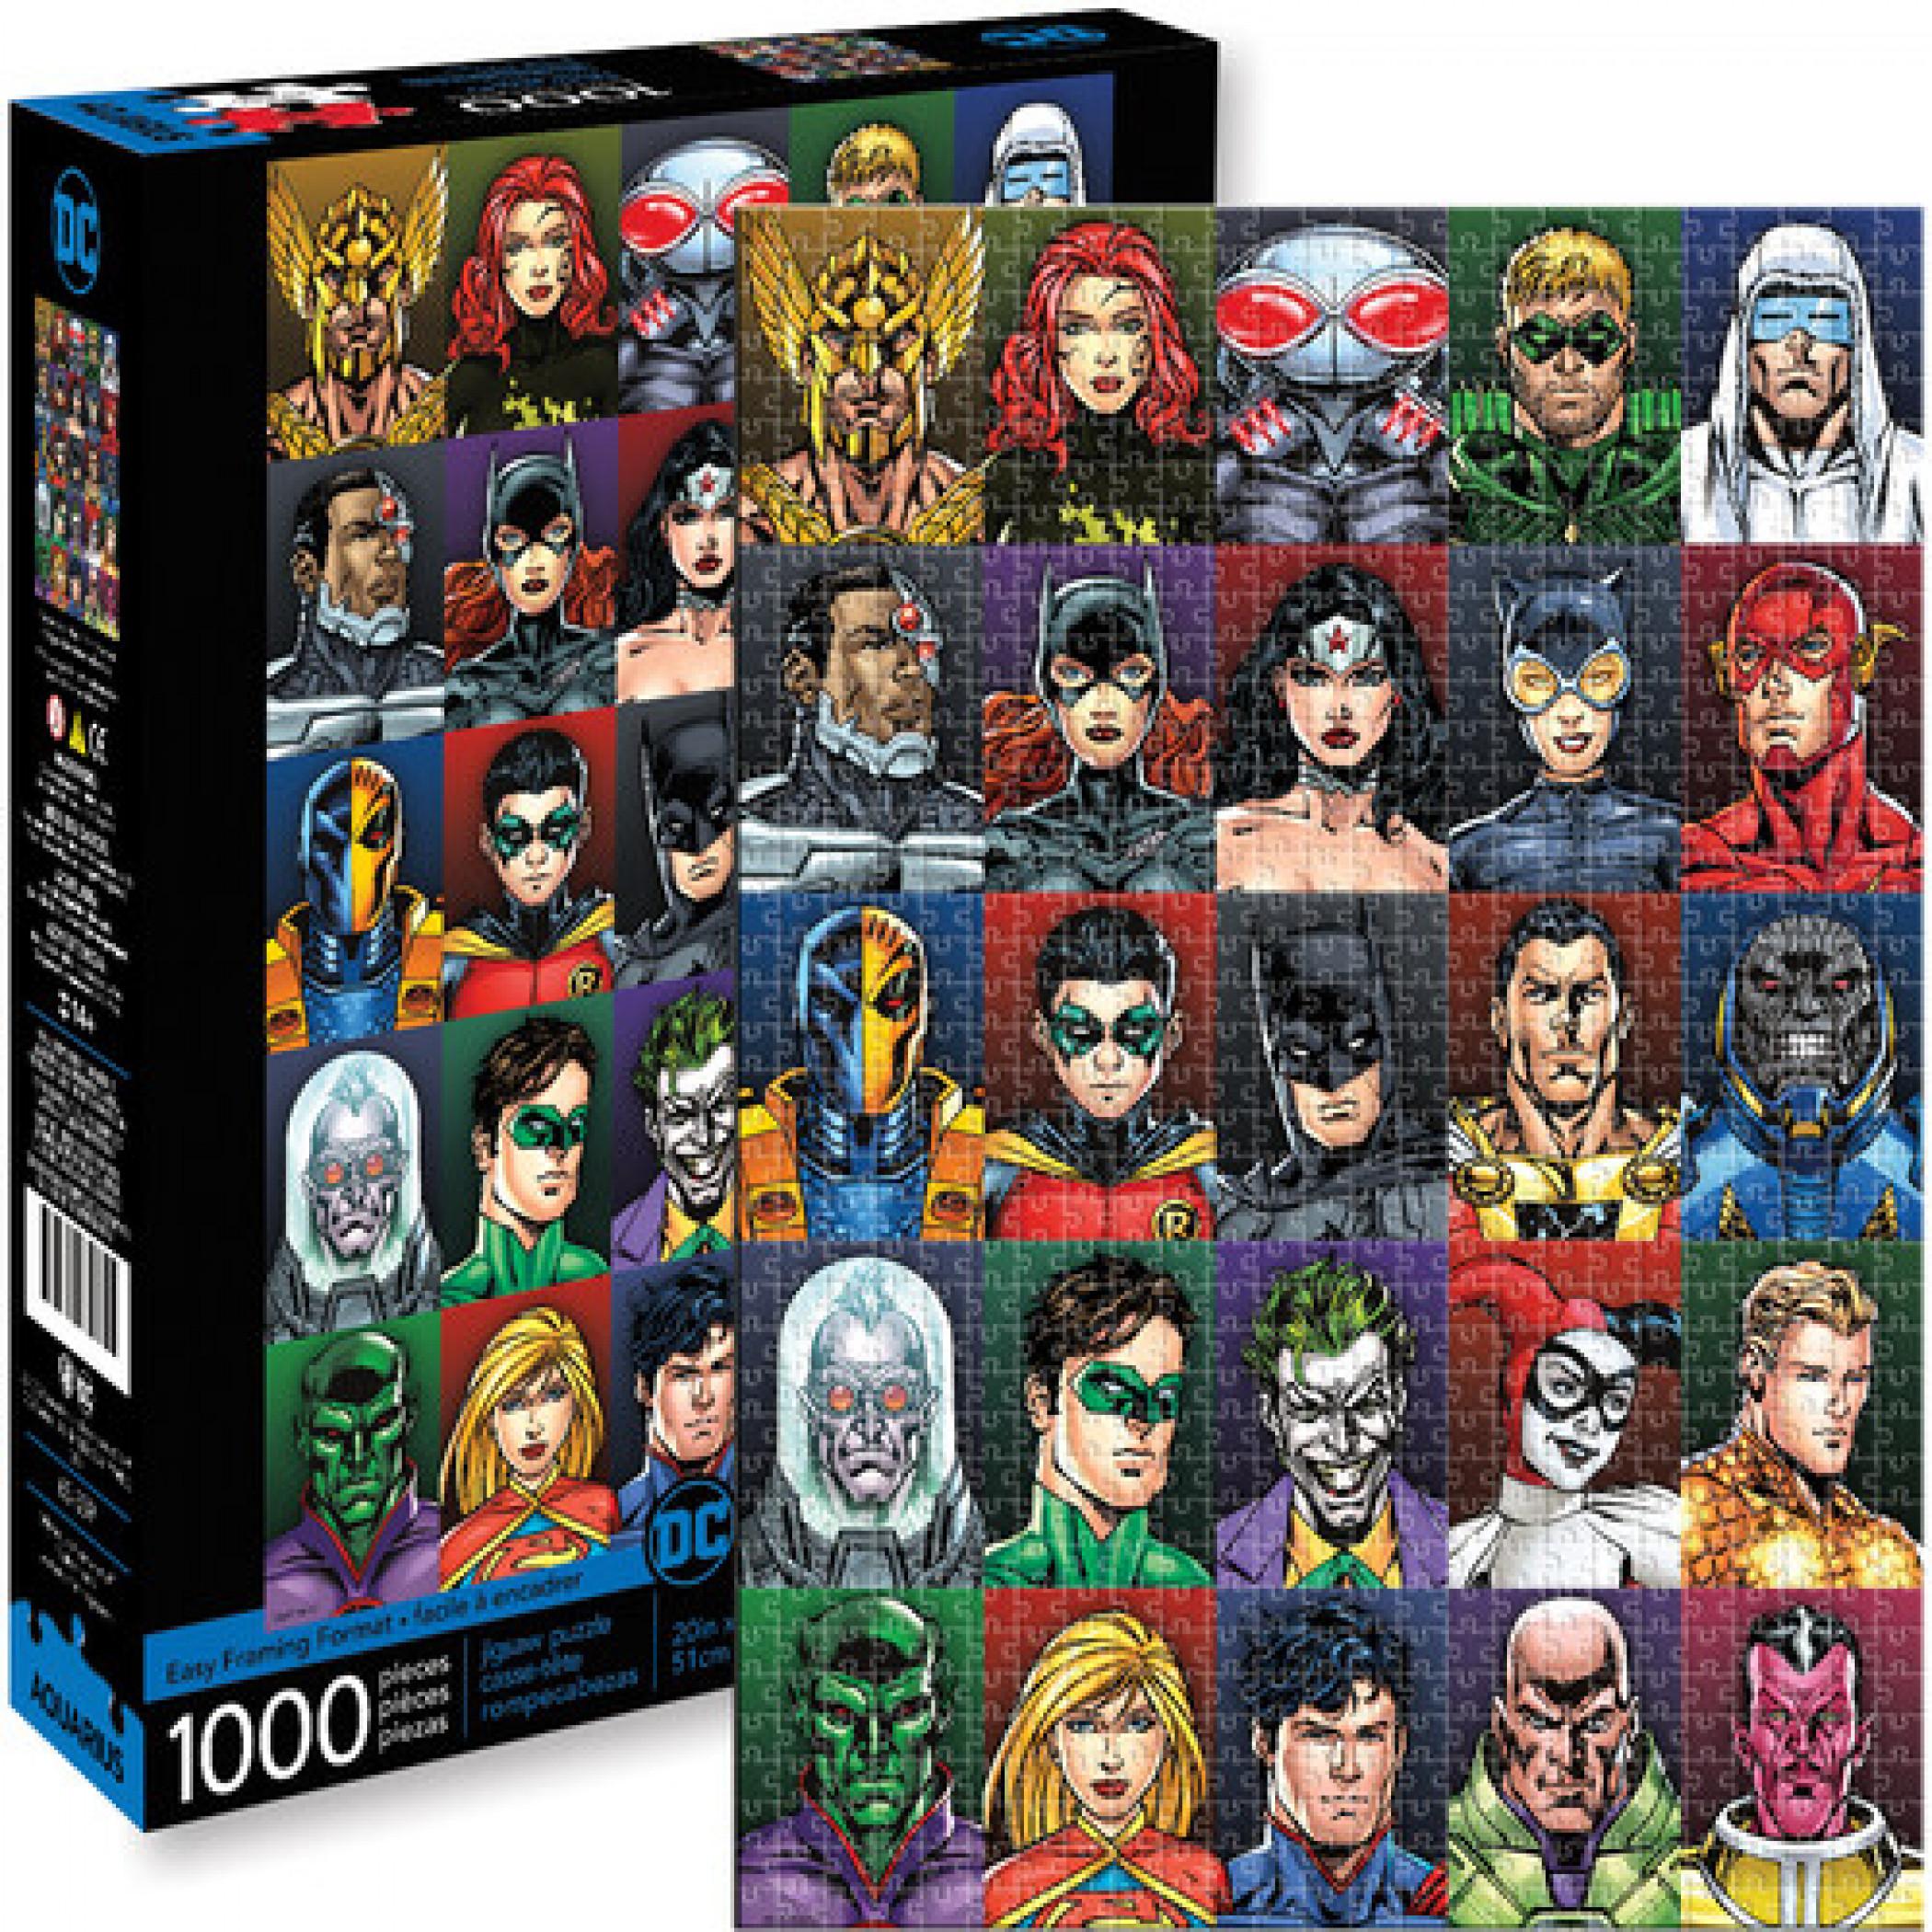 DC Heros and Villains Faces 1000 Piece Puzzle